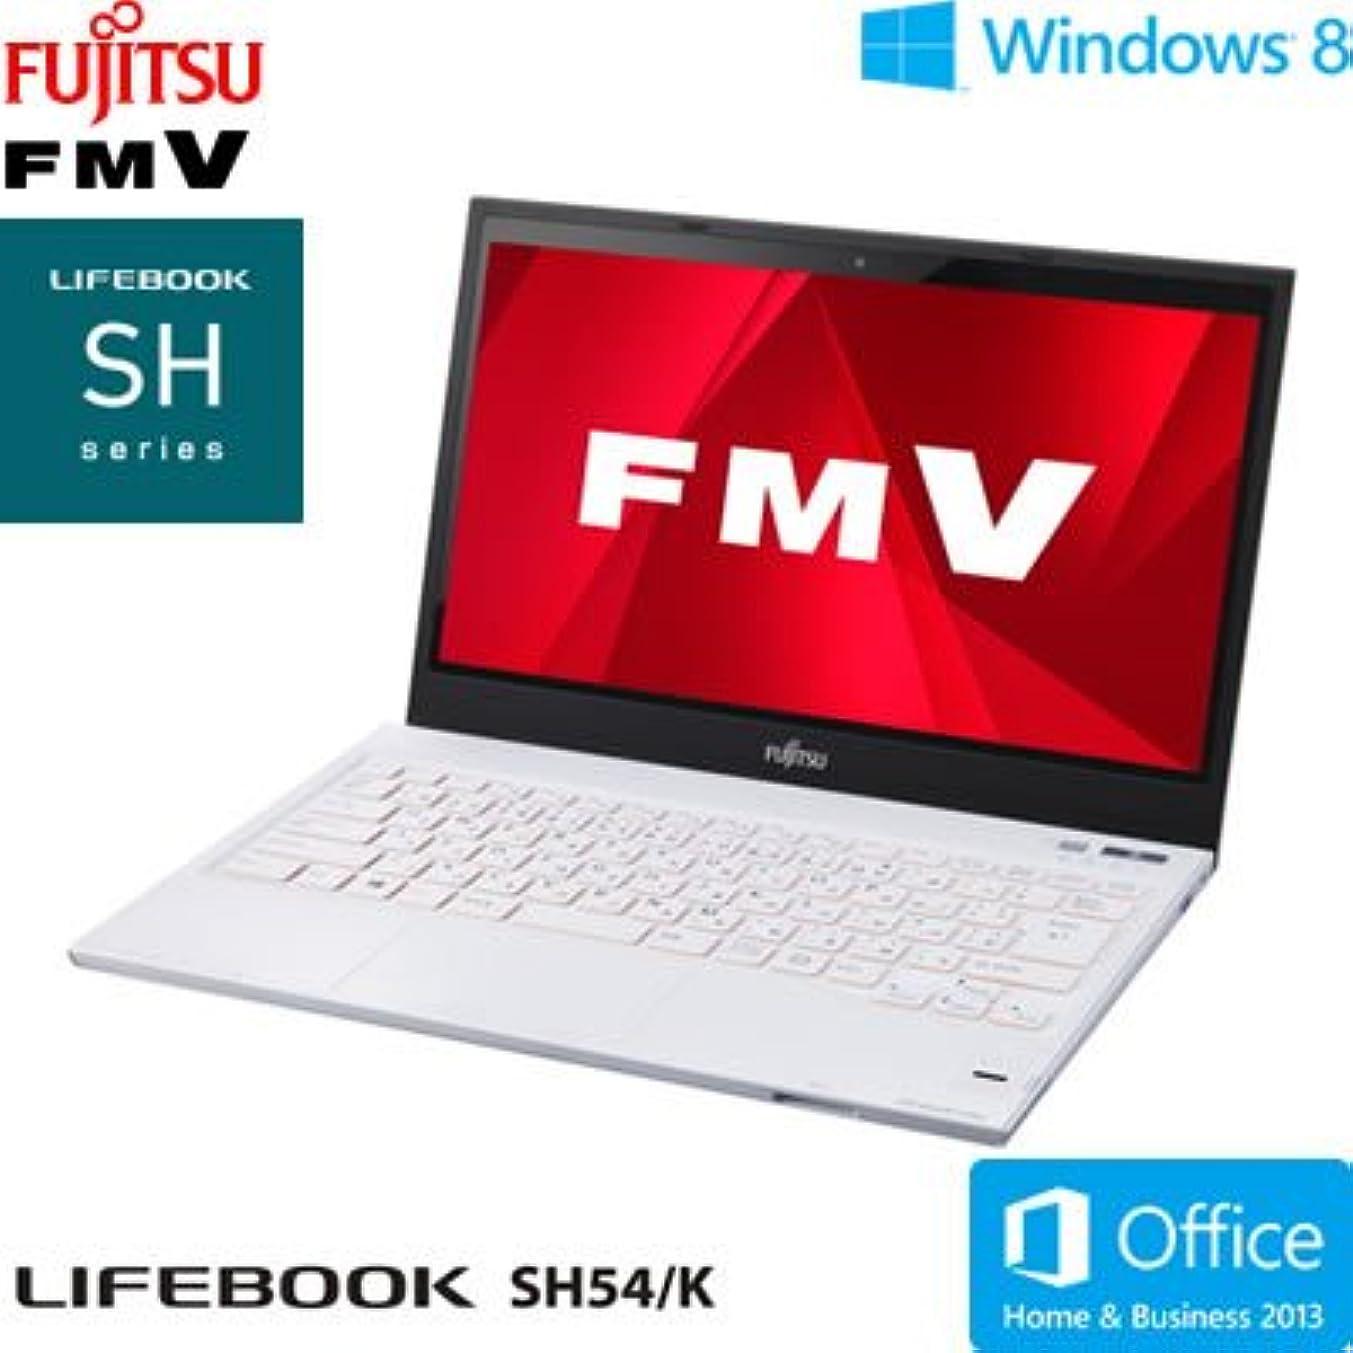 スタウト病院アルファベット富士通 ノートパソコン FMV SH54/K(Office Home and Business 2013搭載) FMVS54KW